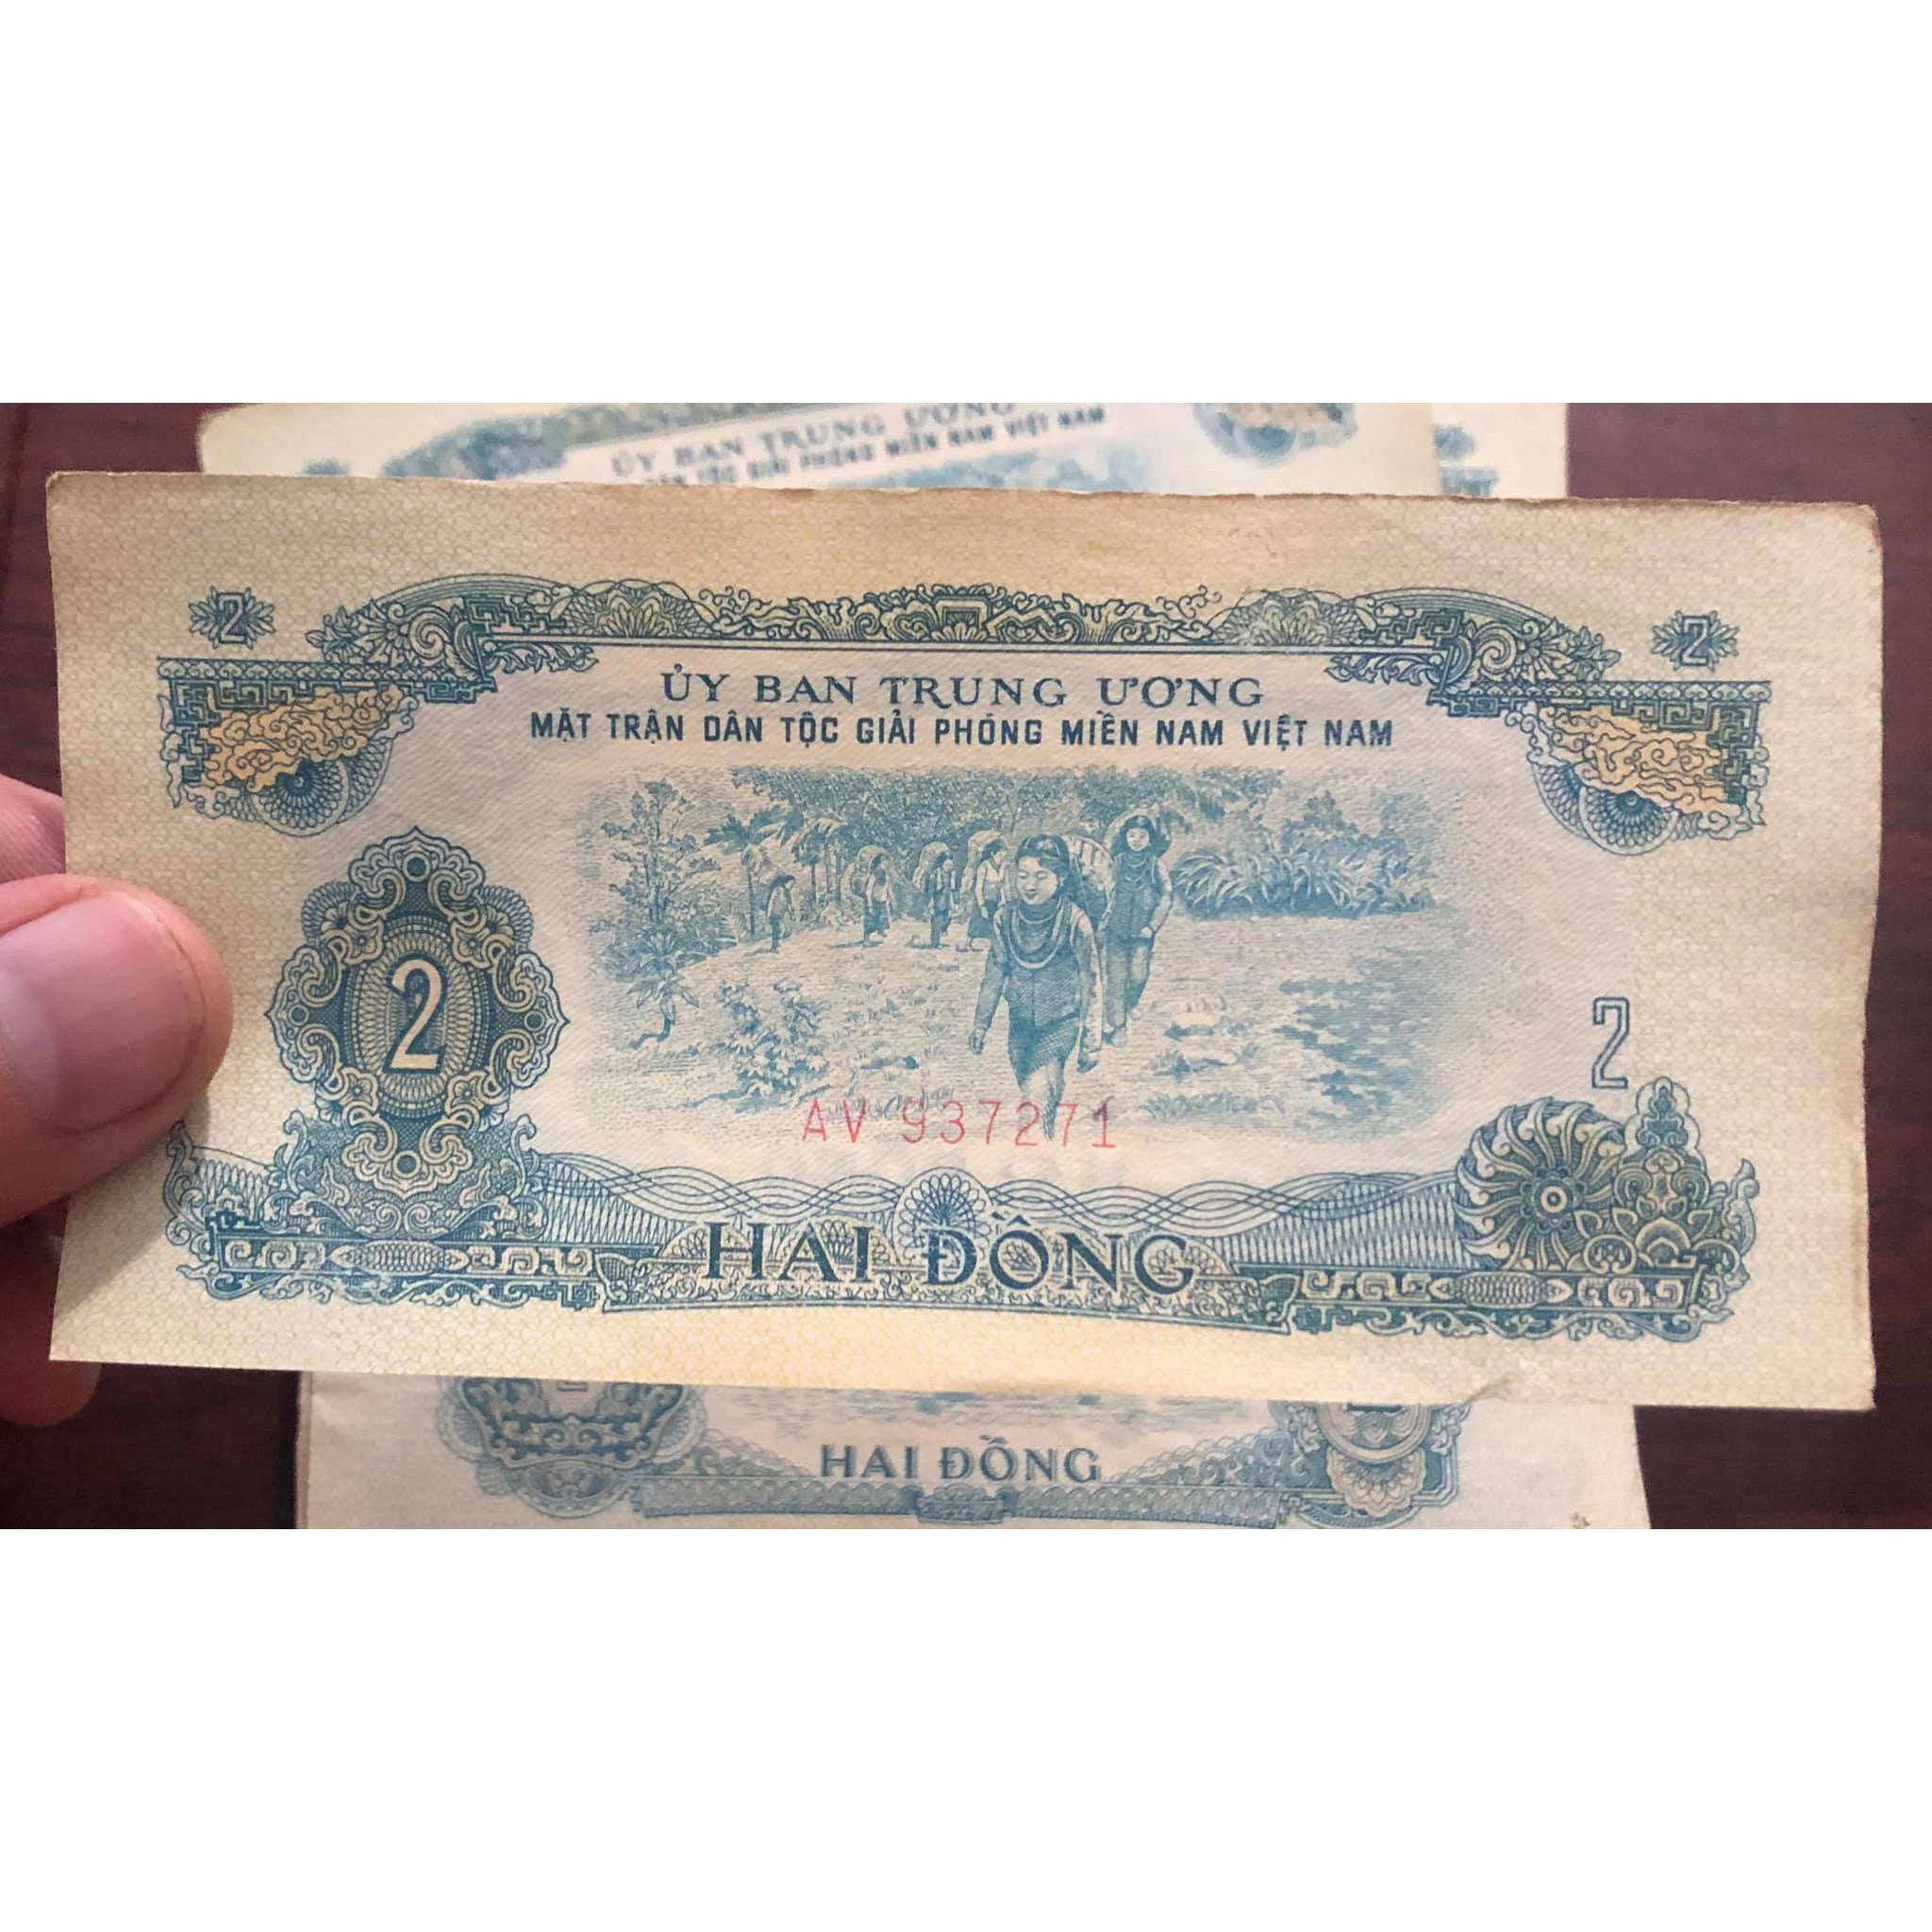 Tờ 2 đồng tiền cổ Việt Nam đồng bào Thượng, đánh cá sưu tầm